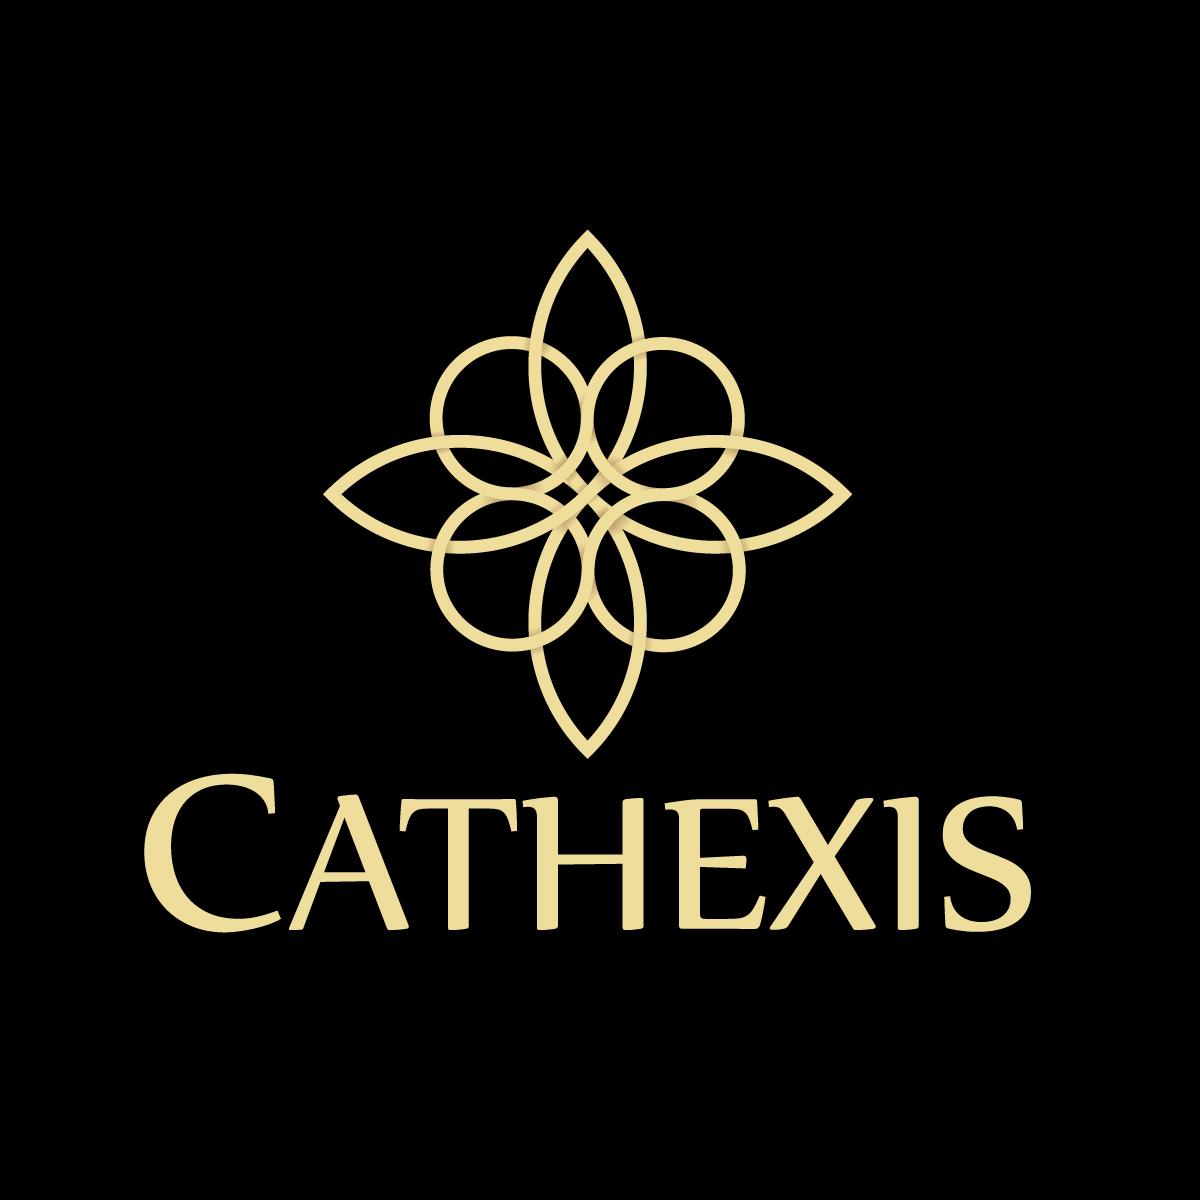 Cathexis Tucson Pima Helpline